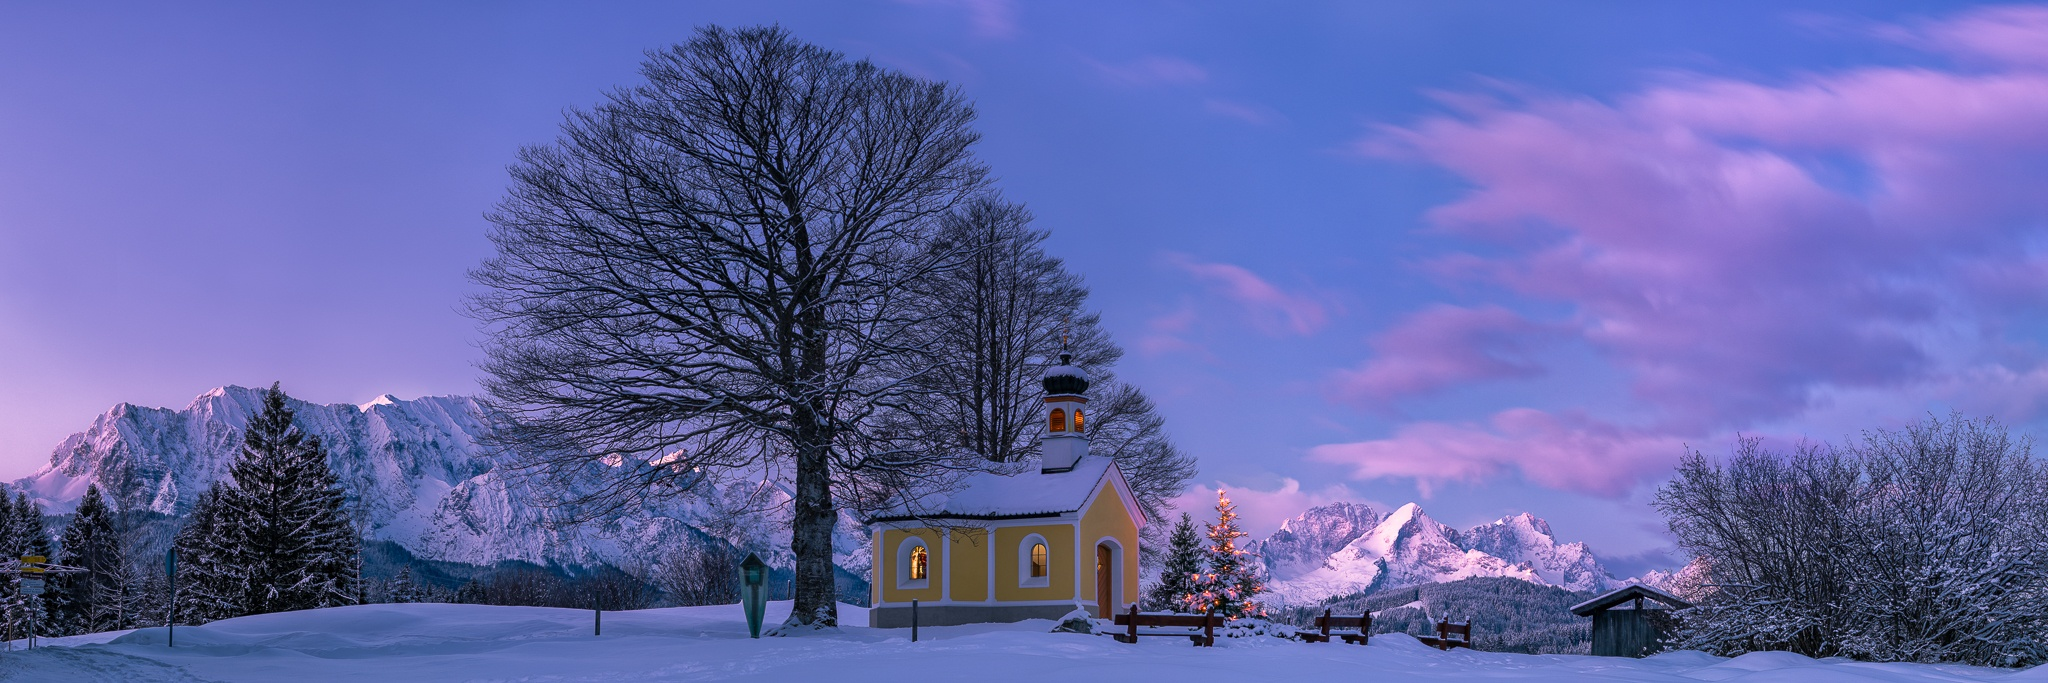 Weihnachten Kapelle mit Christbaum Berglandschaft